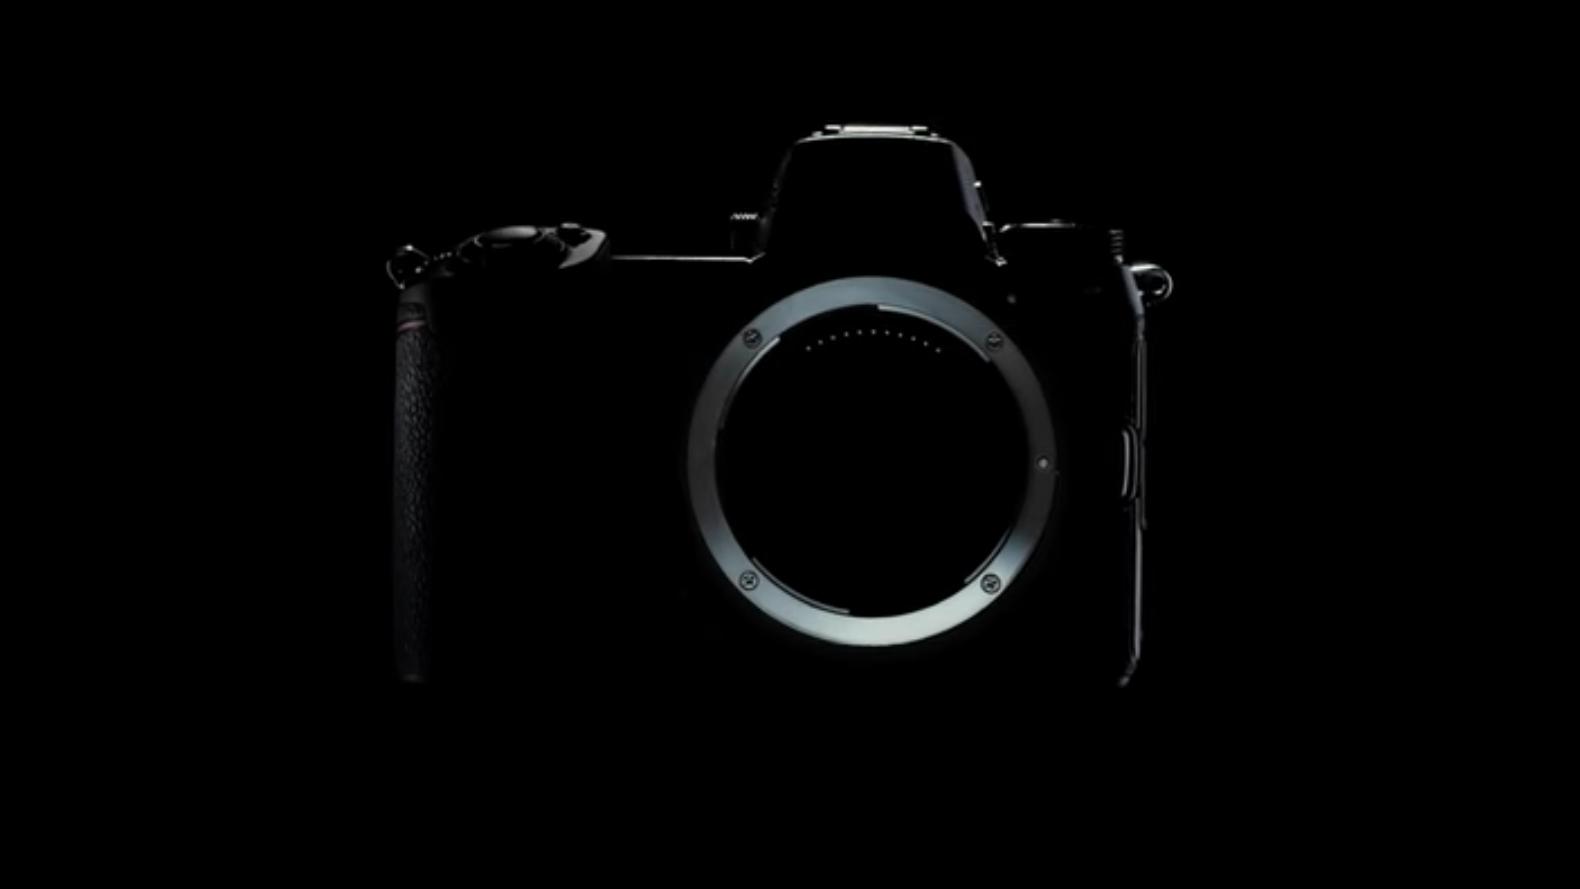 Nikon gives us an even better look at its new mirrorless camera